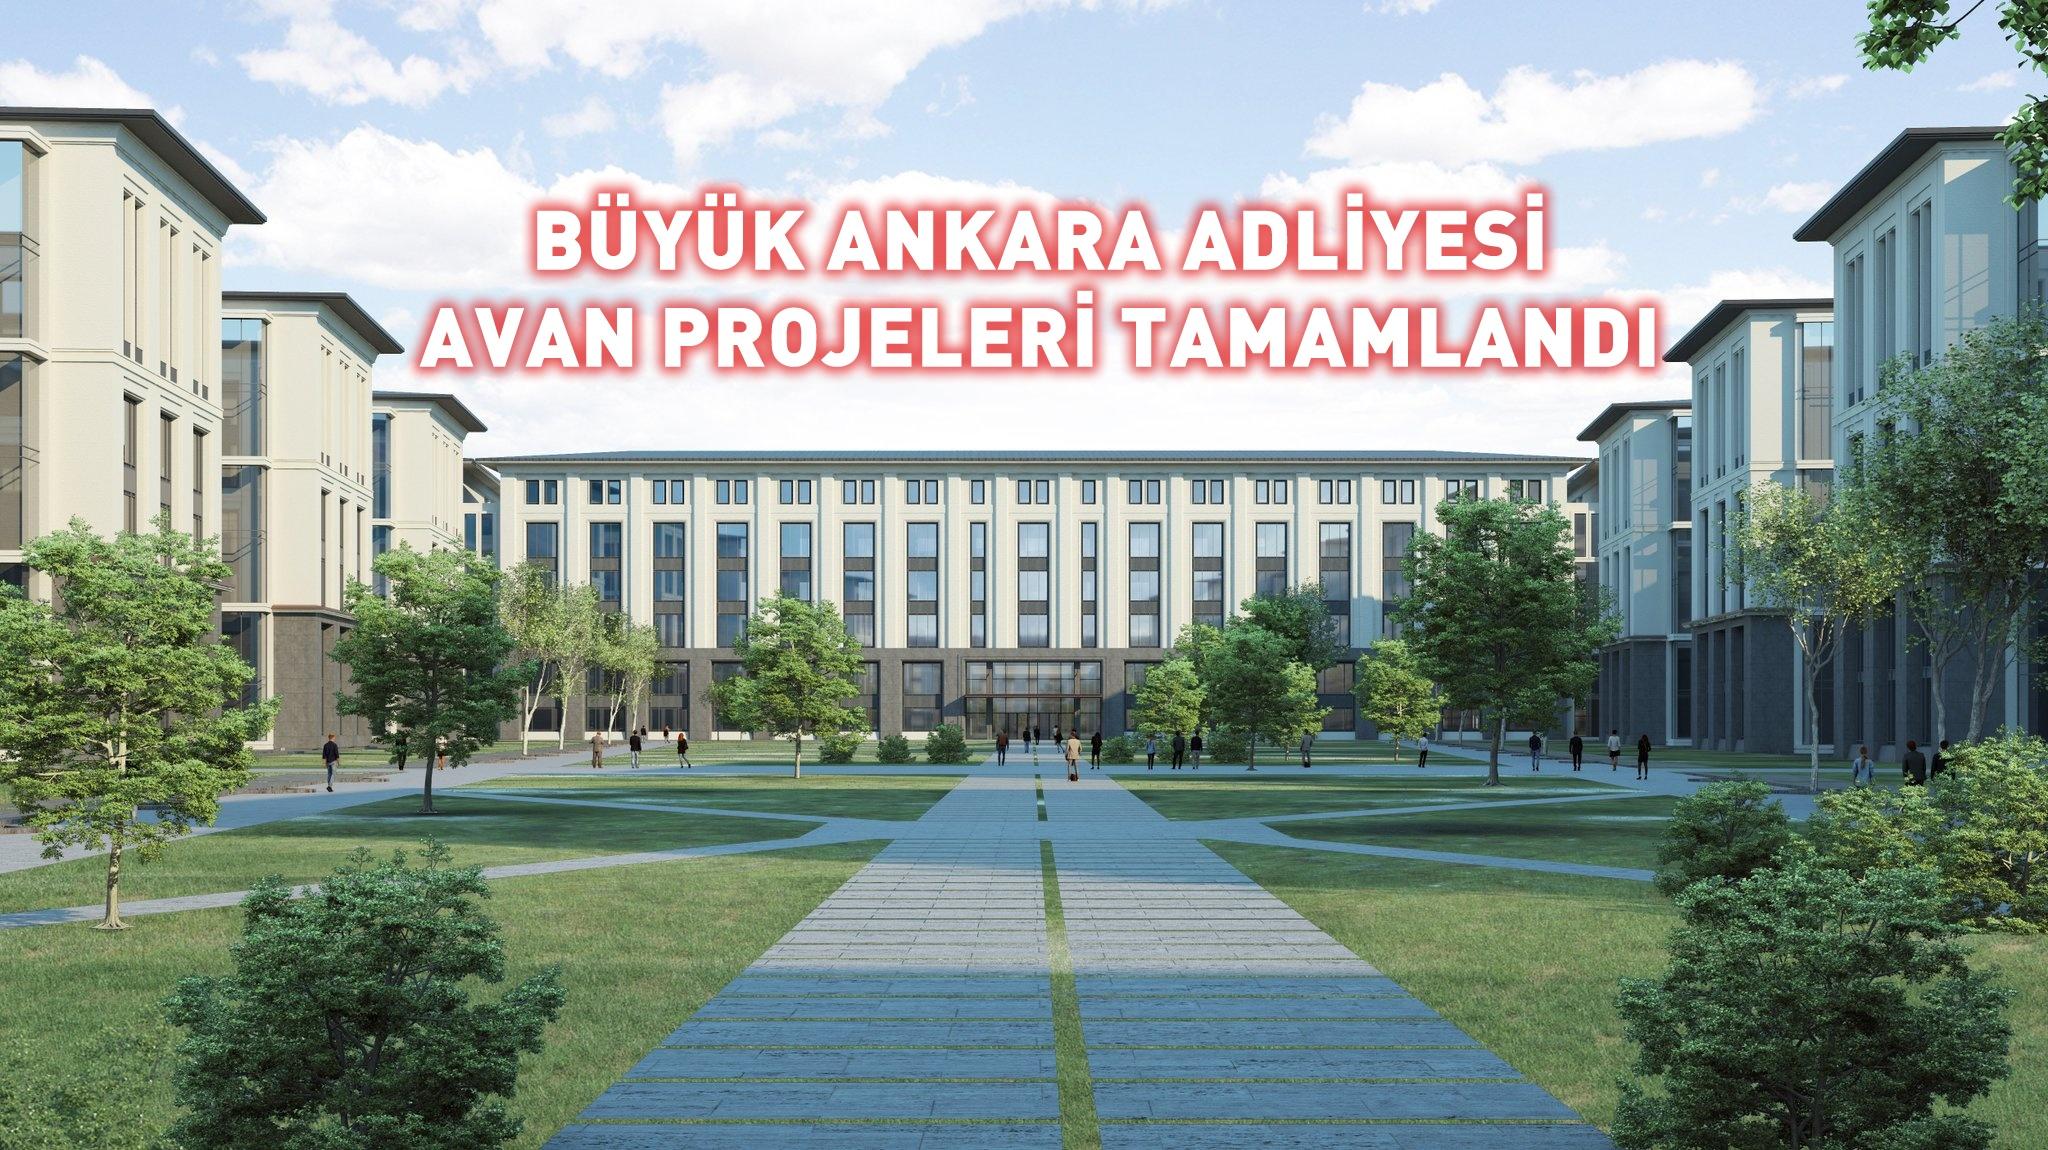 Büyük Ankara Adliyesi, Avan Projeleri Tamamlandı.